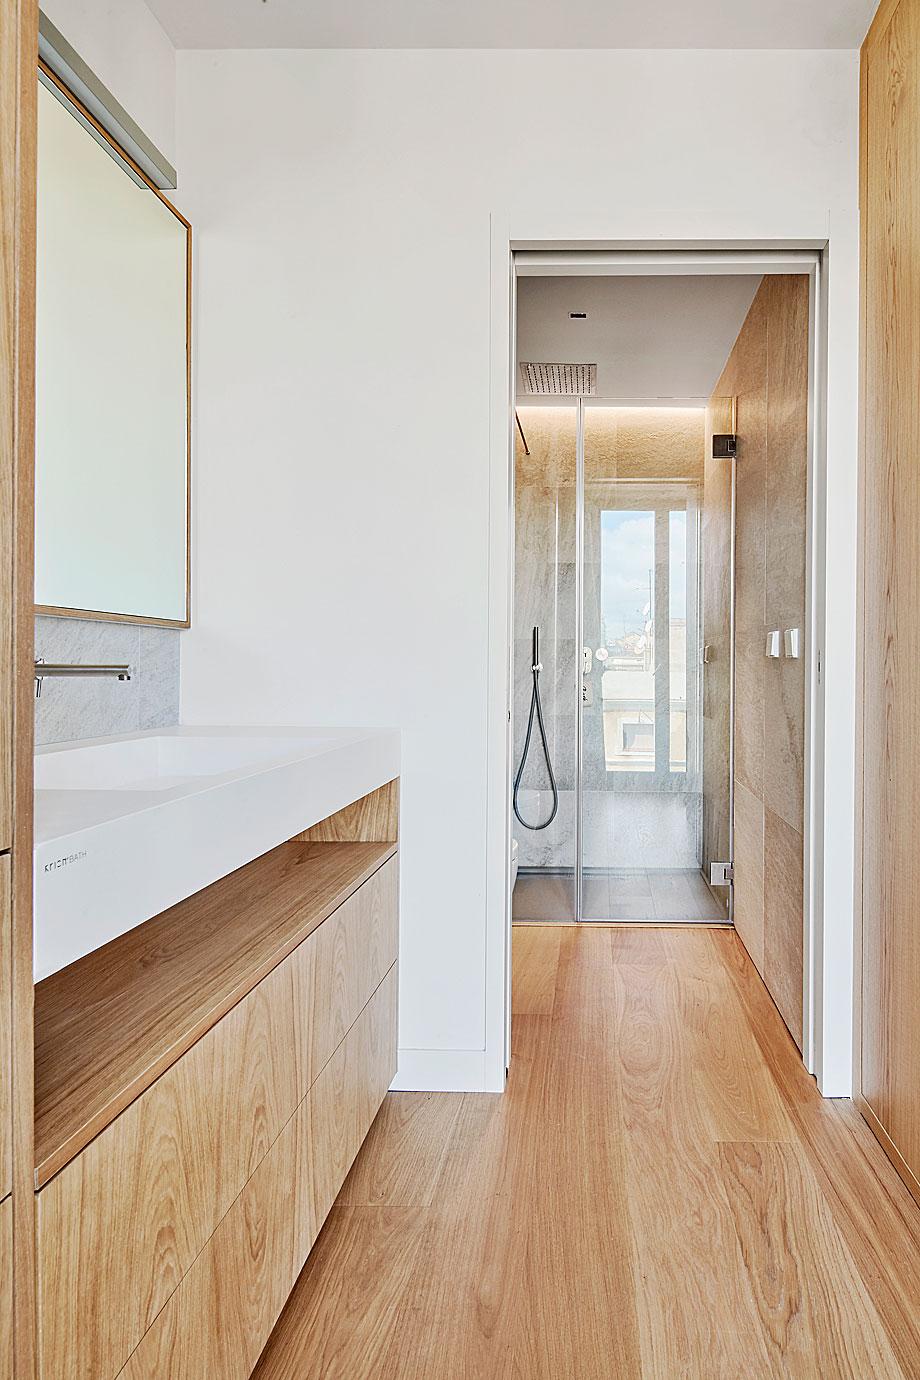 vivienda-enrique-granados-miba-architects-la-casa-por-el-tejado (12)